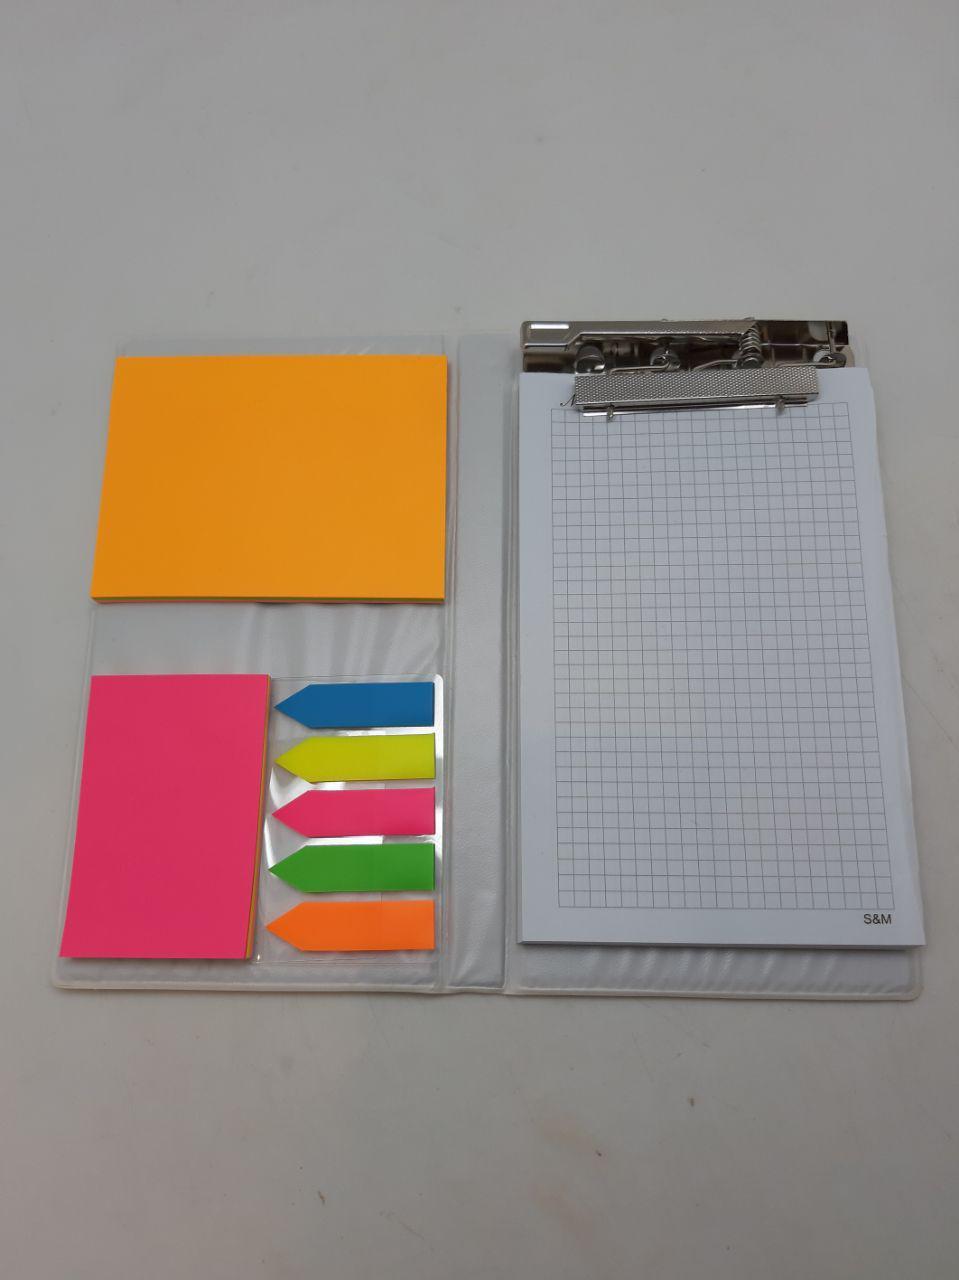 دفترچه یادداشت Y4 چرمی سفید